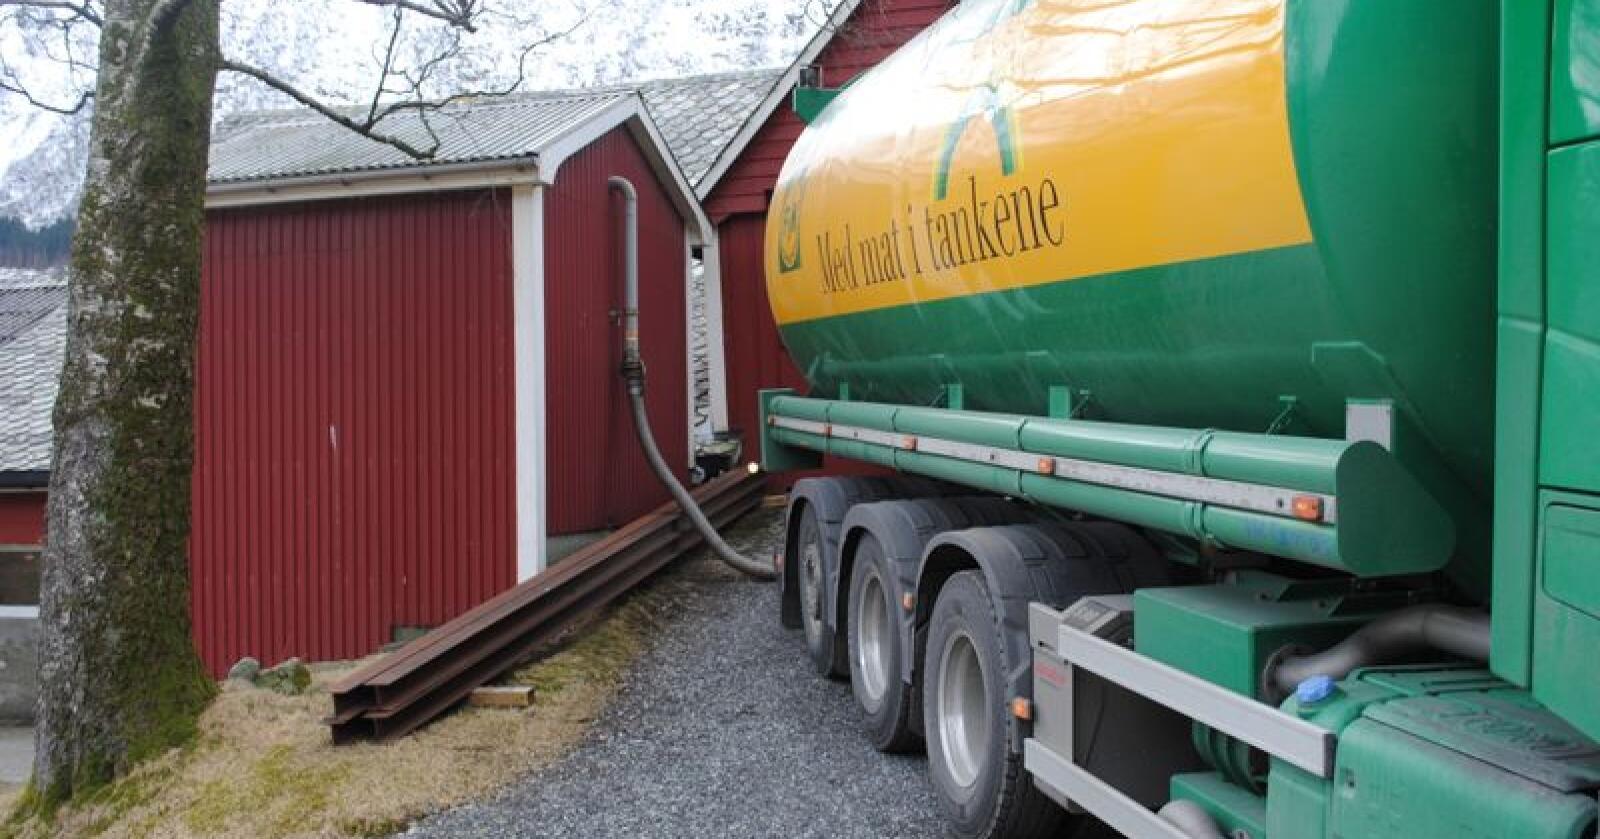 Prognosen viser at det er behov for å importere nesten 900 000 tonn karbohydratråvarer til kraftfôr og i overkant av 200 000 tonn matkorn. Foto fra Omvikdalen i Kvinnherad. (Foto: Karl Erik Berge)